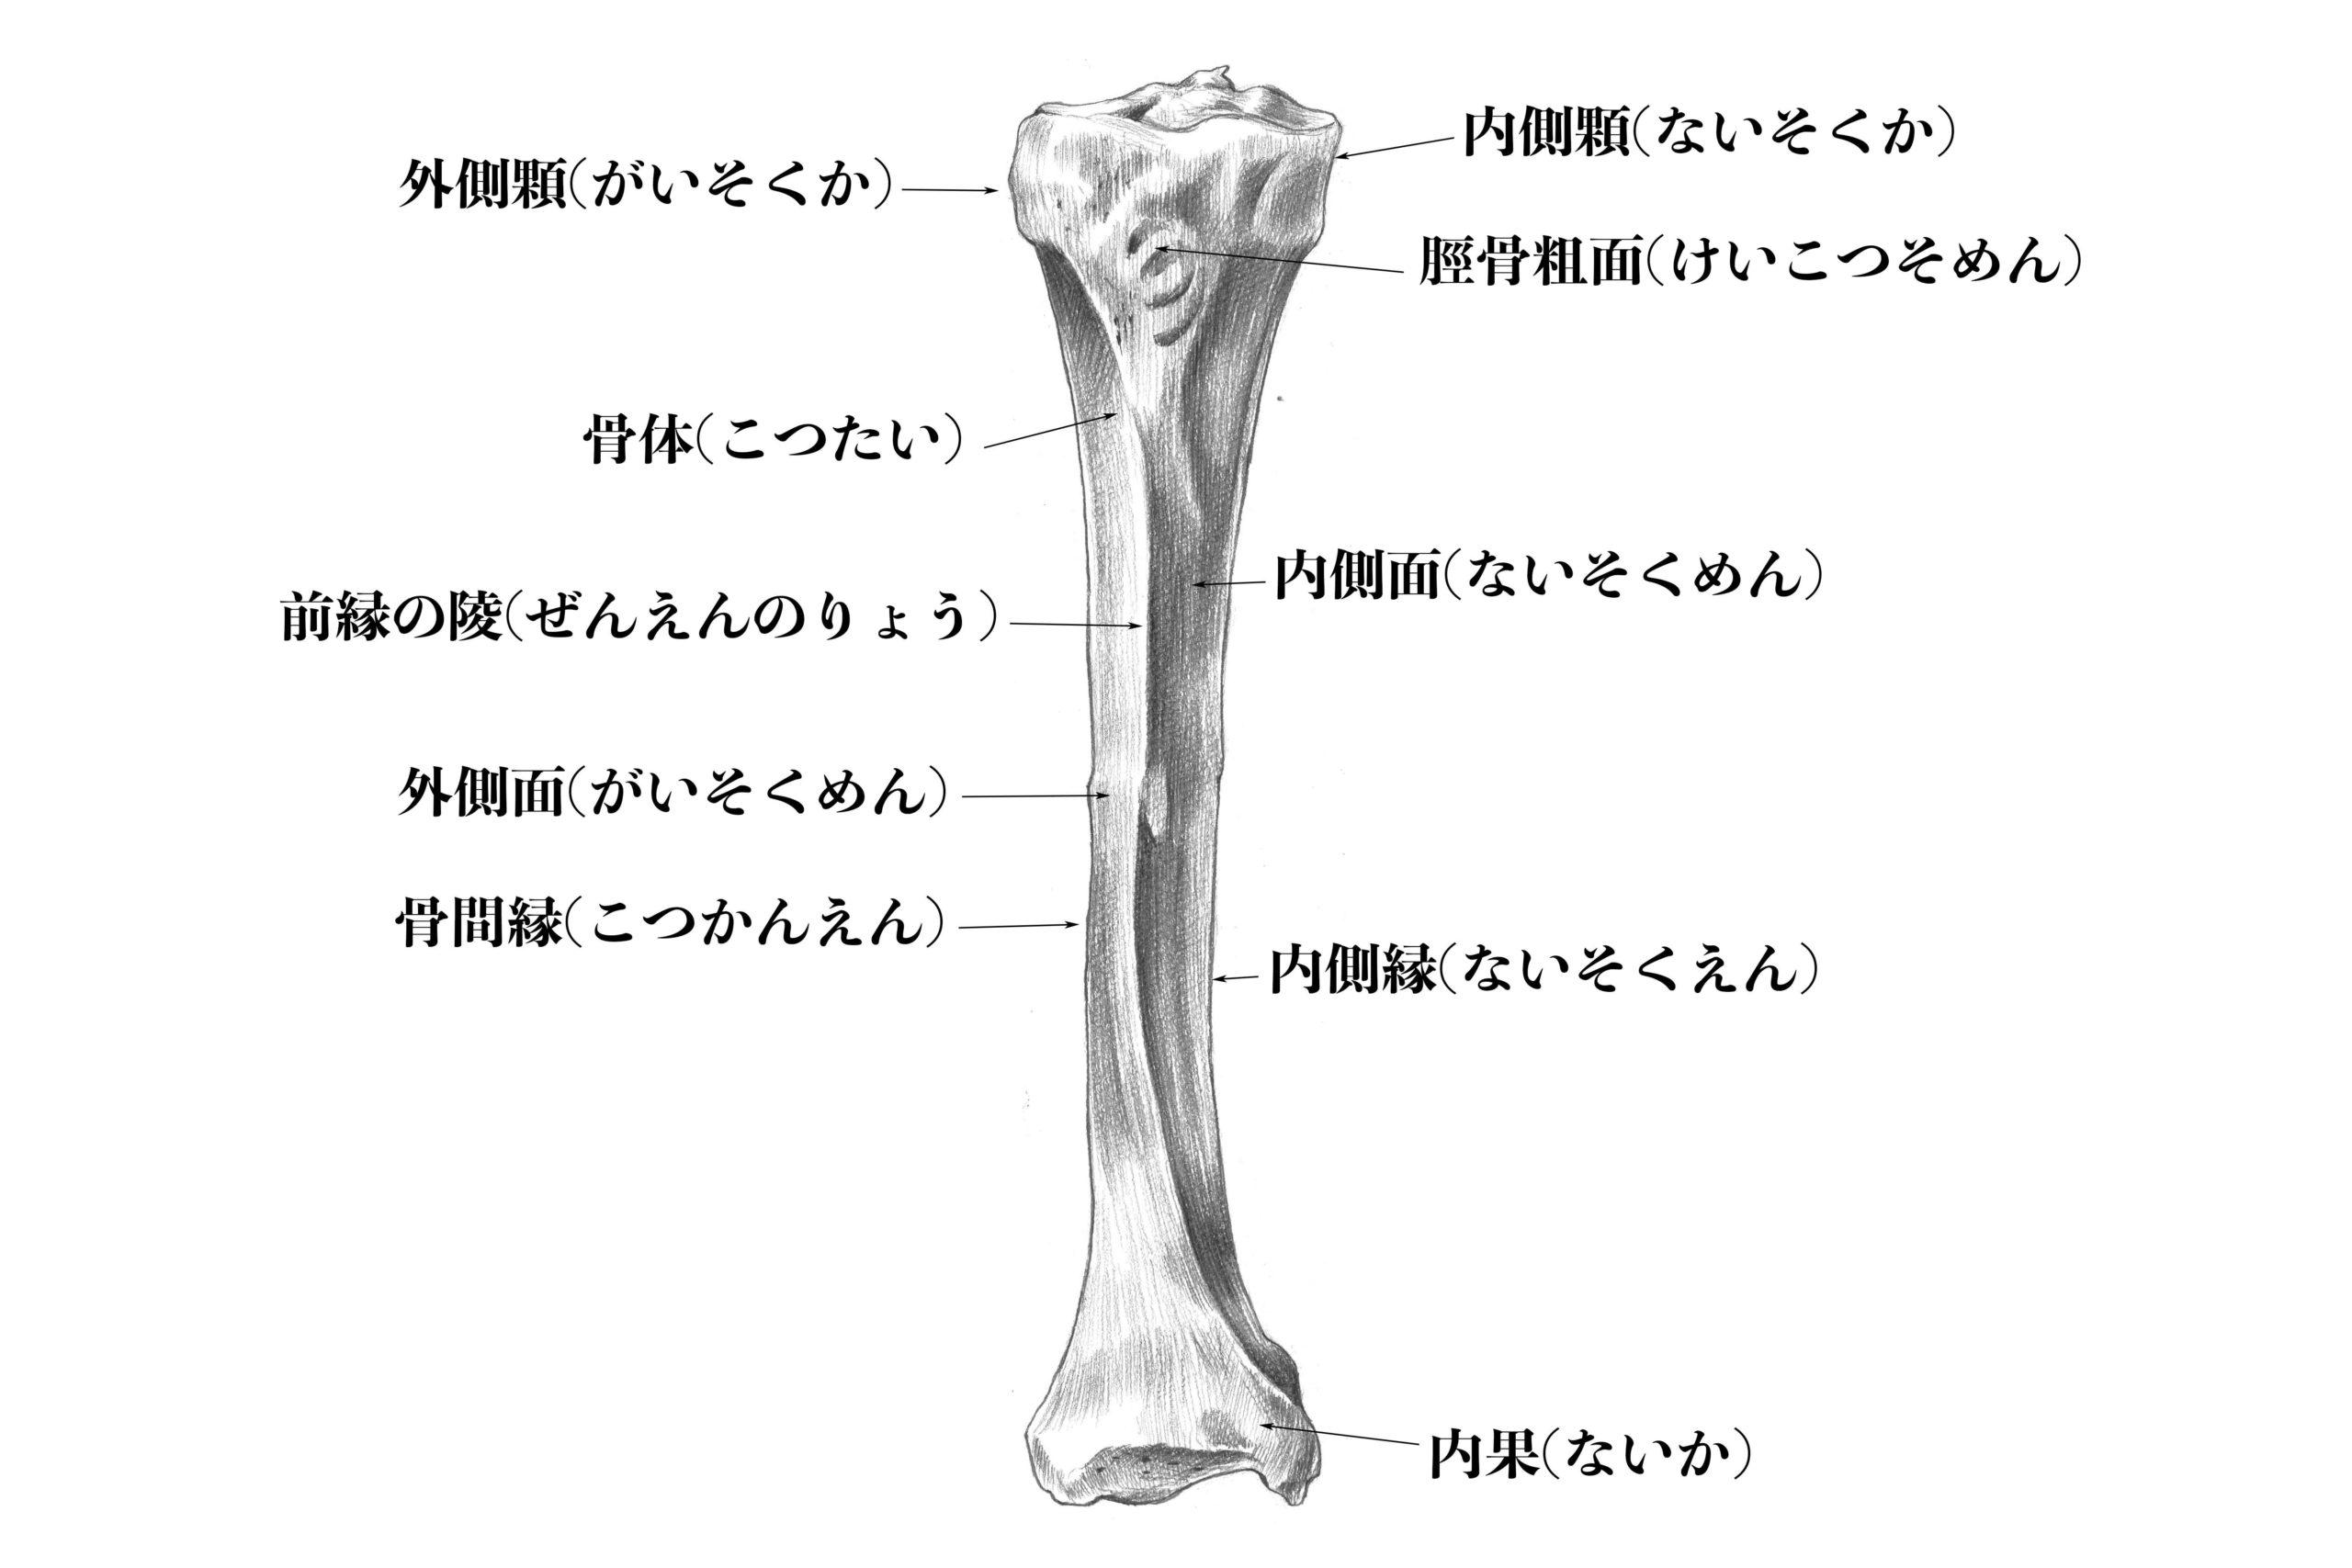 脛骨前面のスケッチ